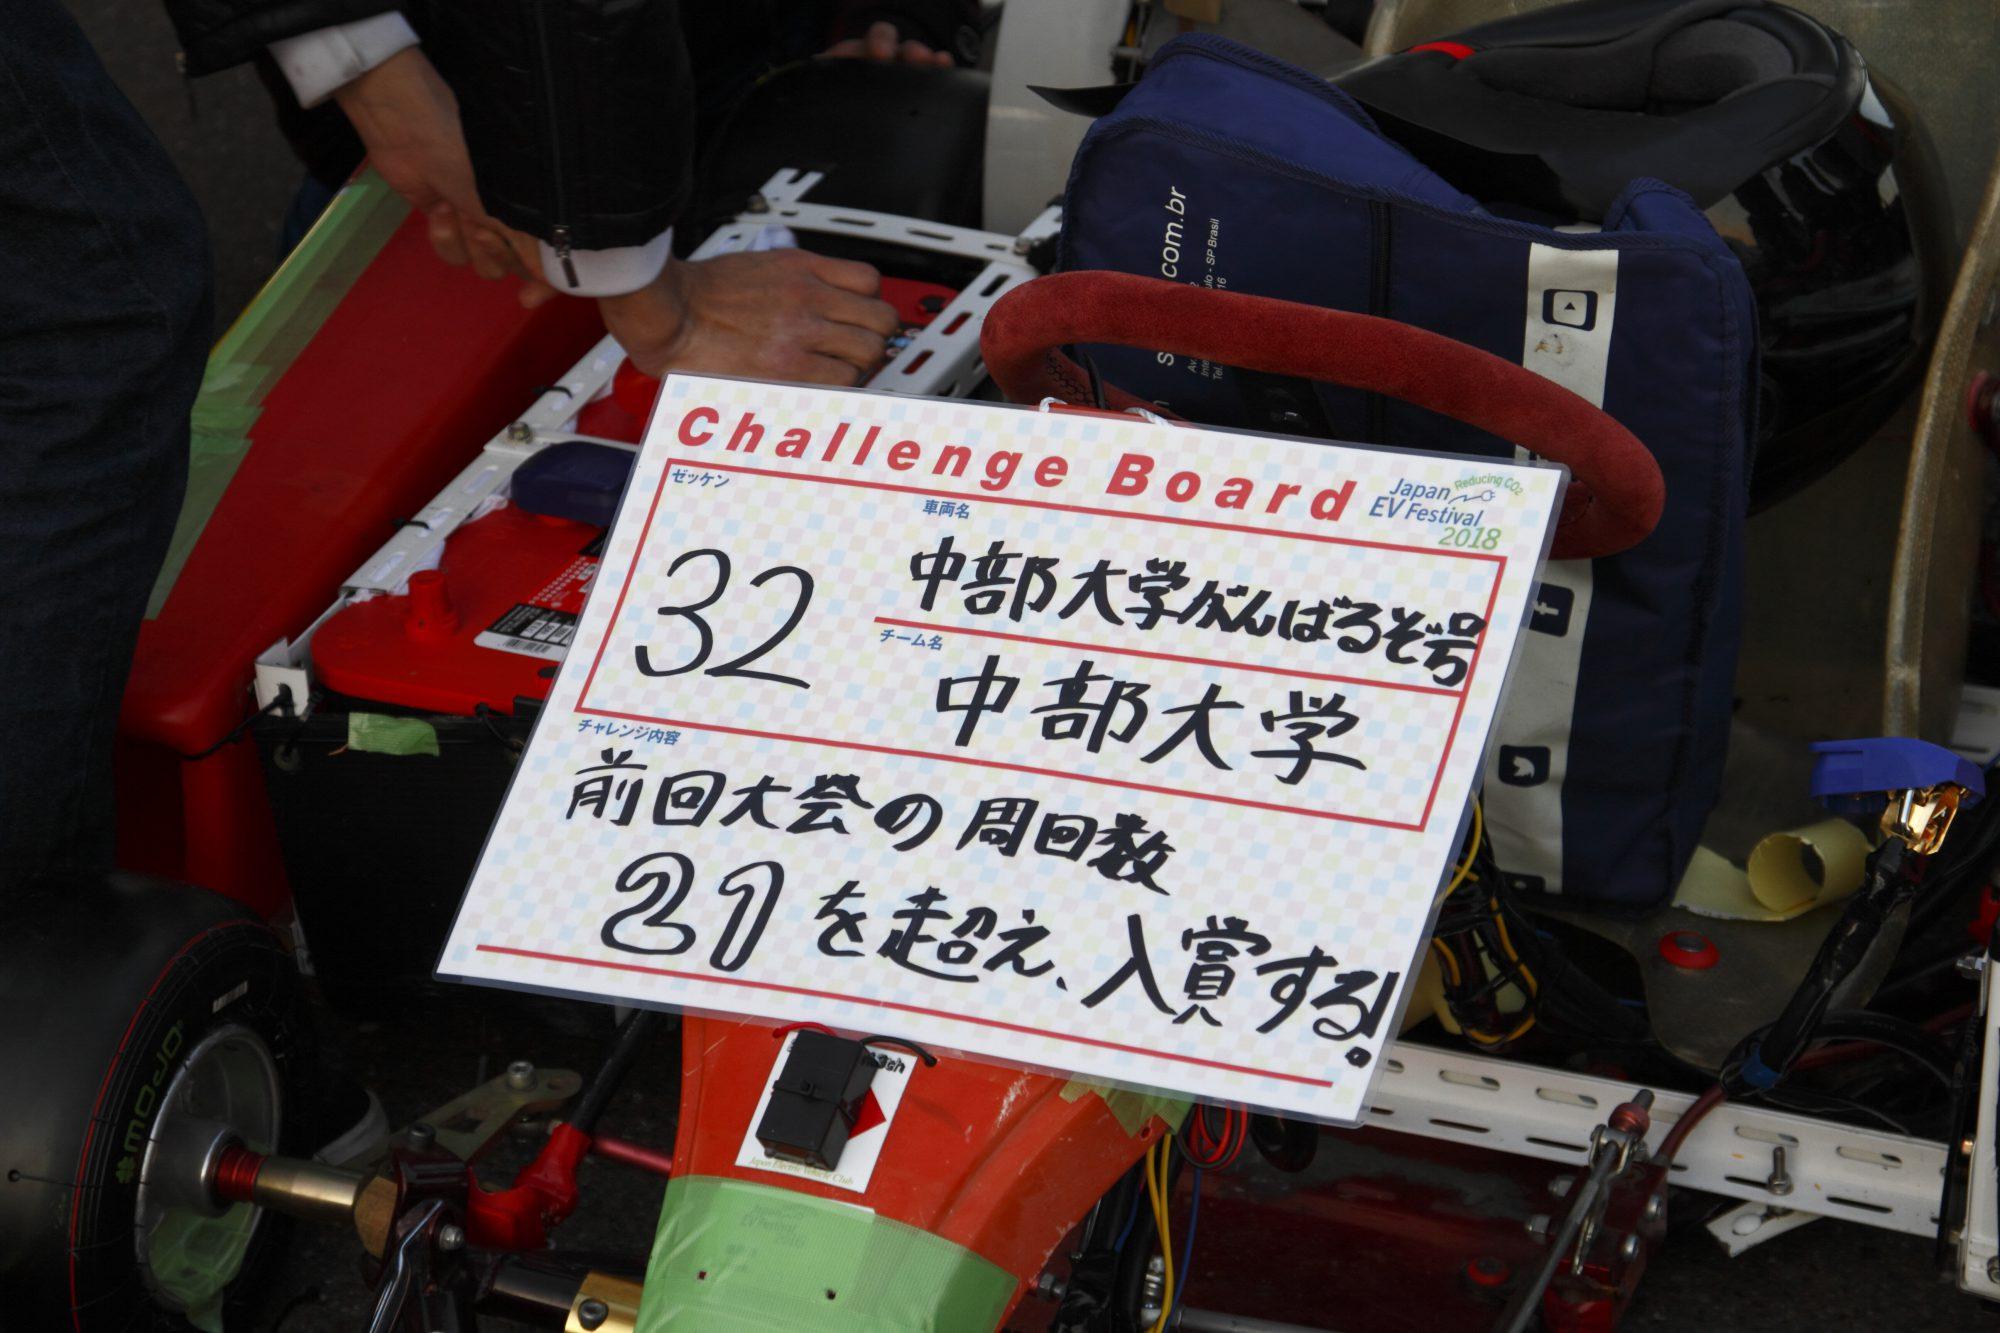 チャレンジボード